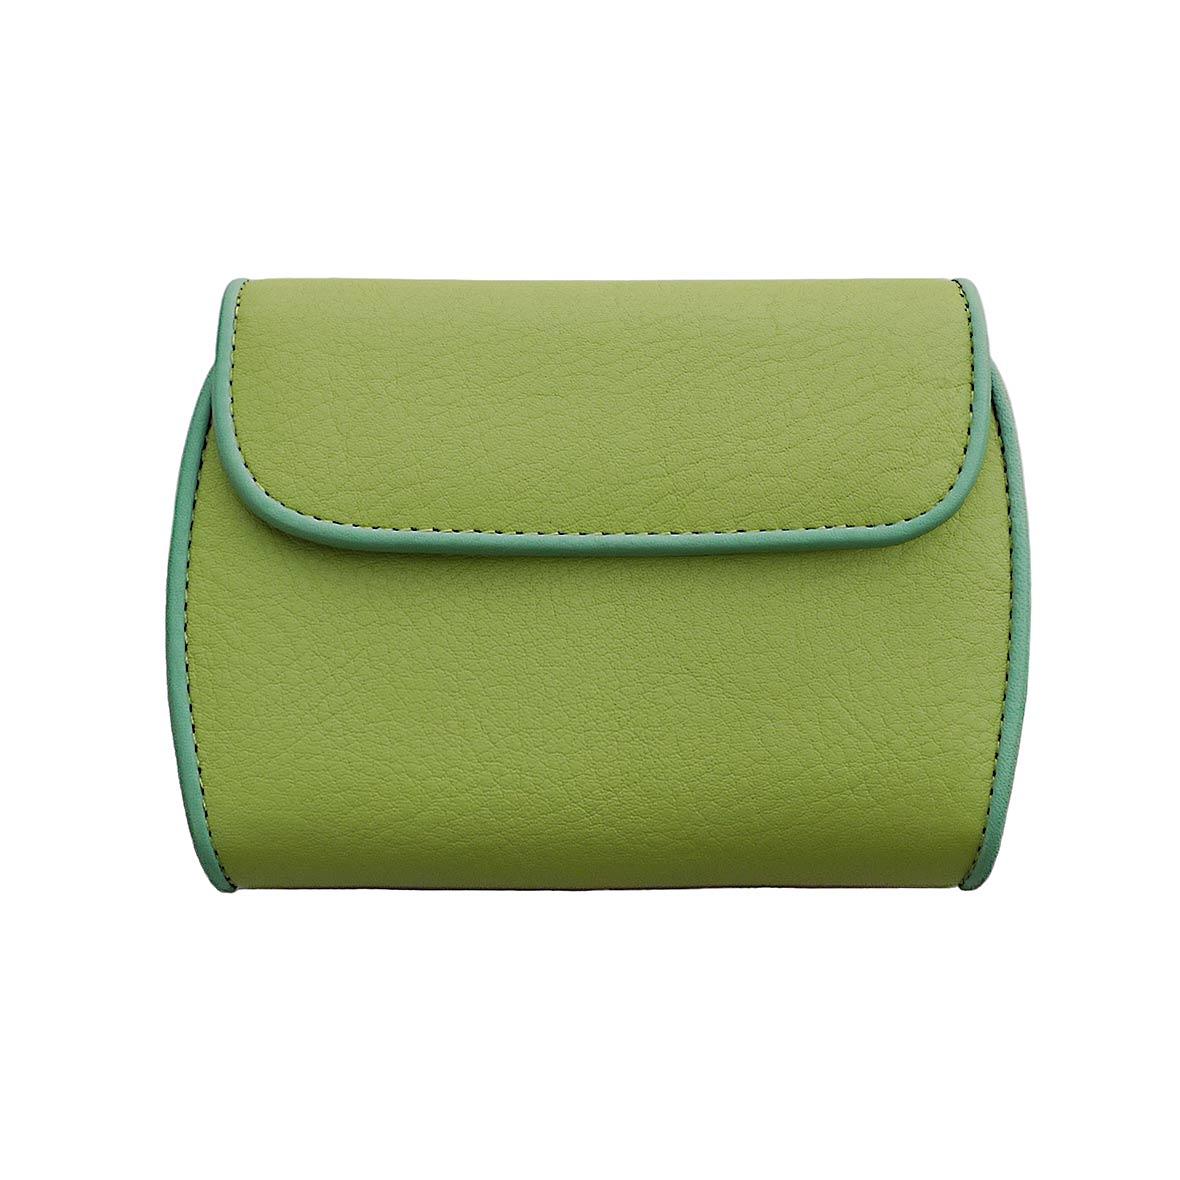 Portemonnaie CLAM 169